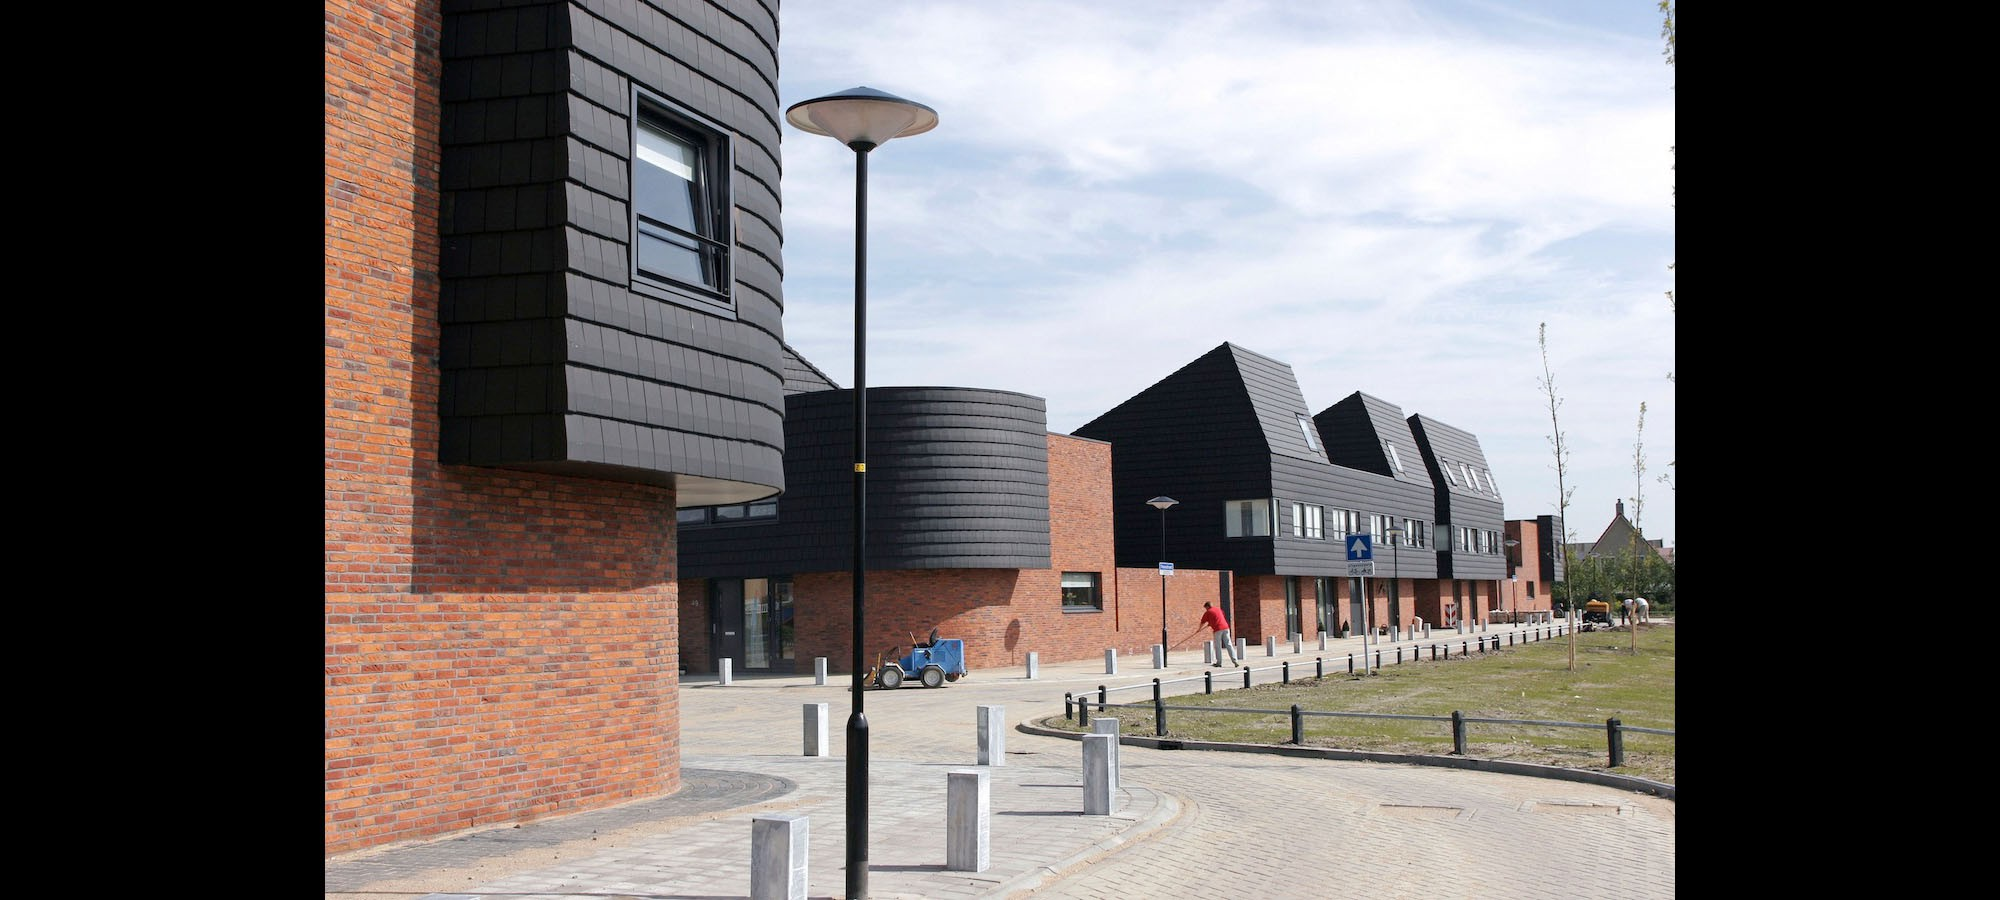 Van Veen architecten © drost + van veen architecten bv